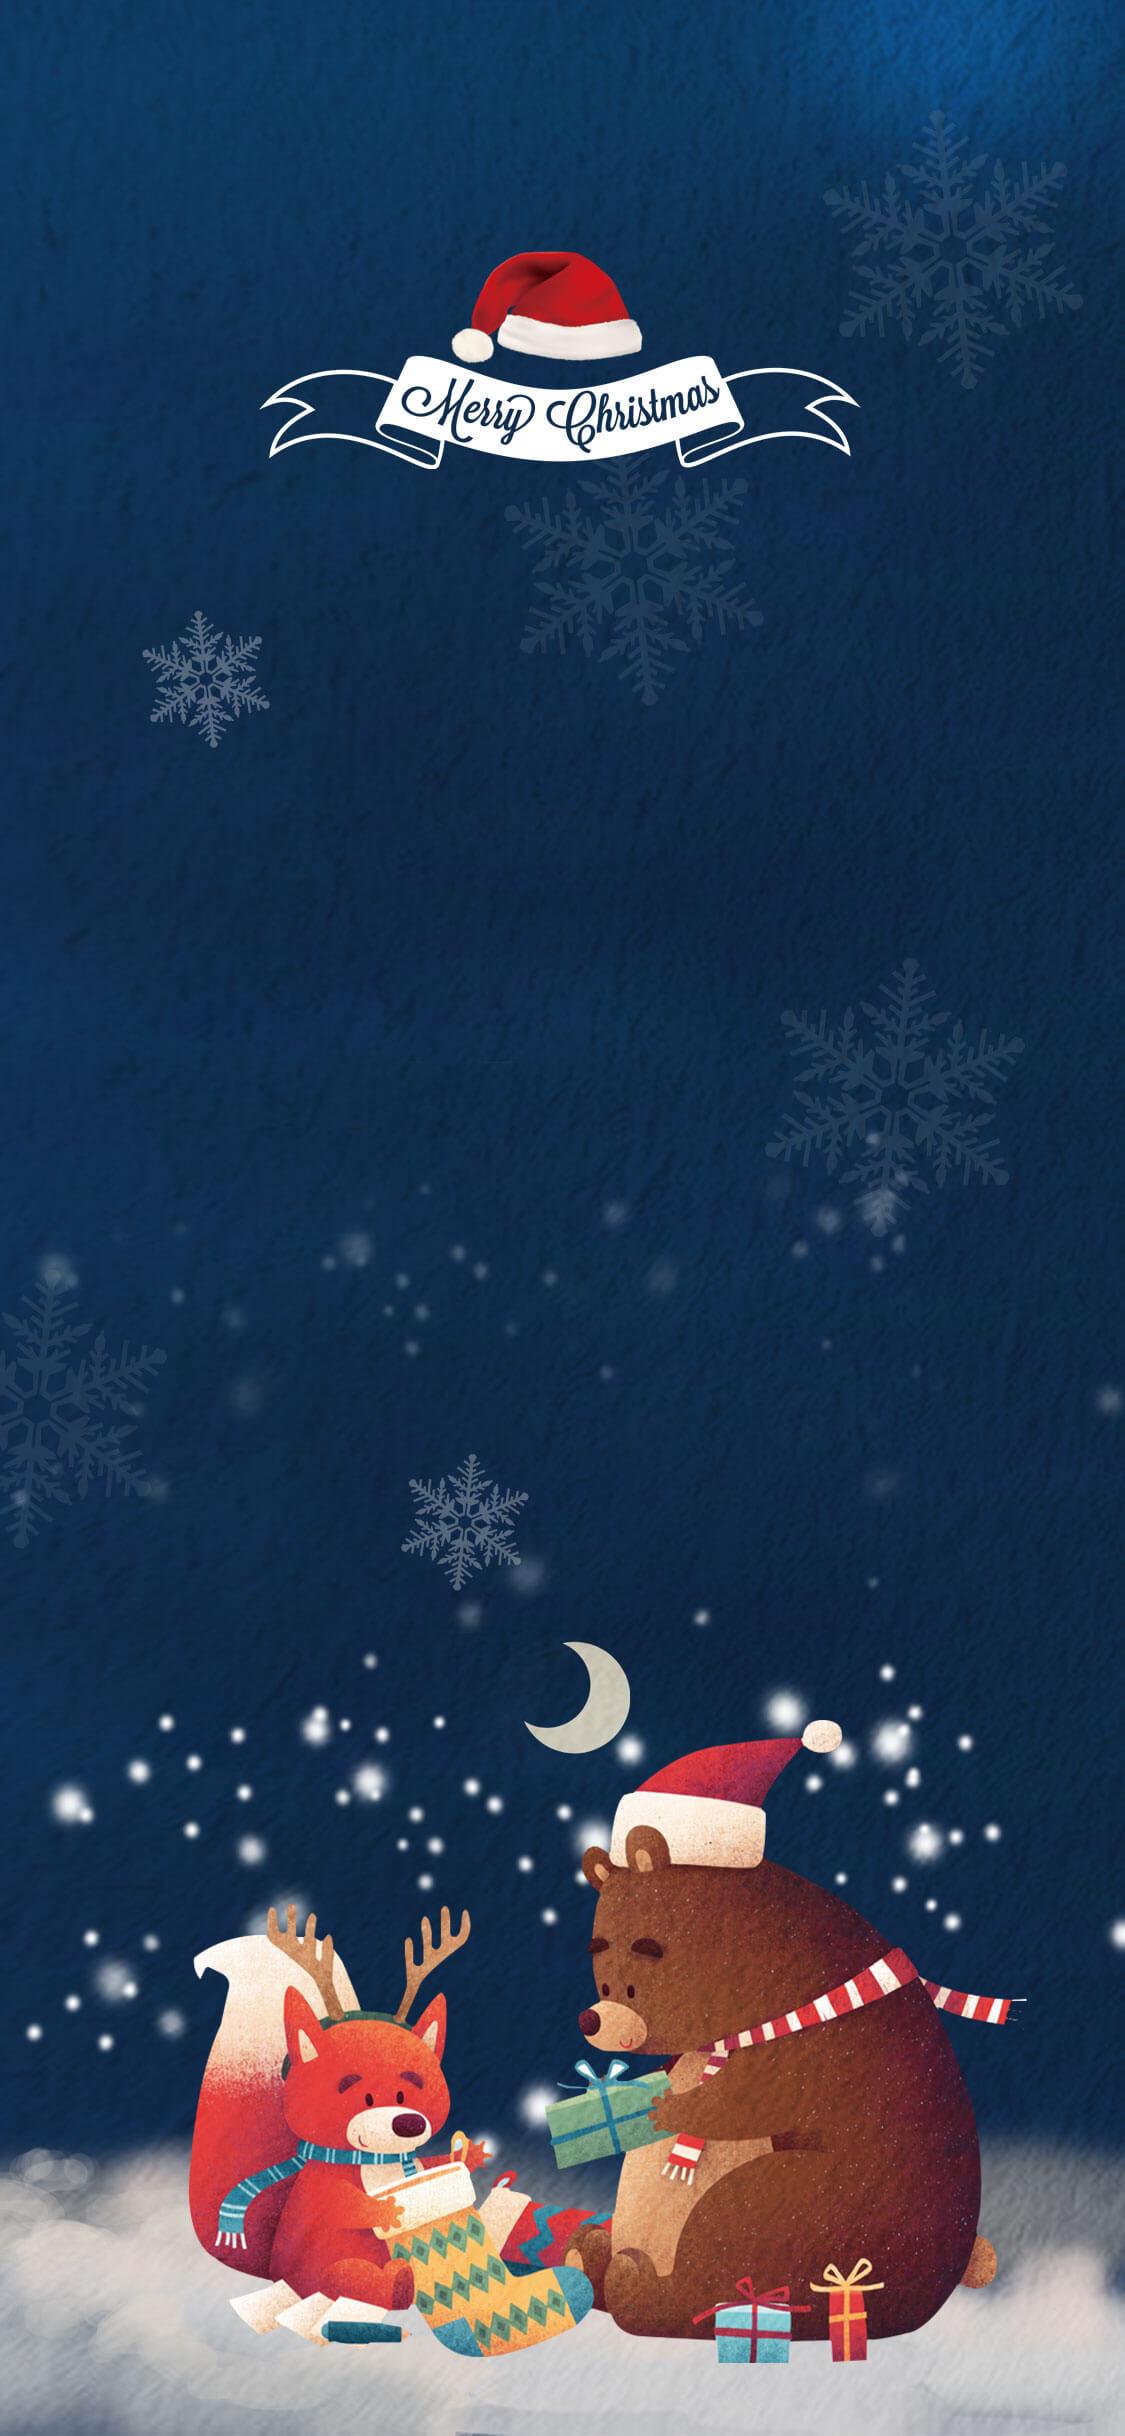 Immagini dei cartoni animati Apertura di ChristmasPresents.jpg